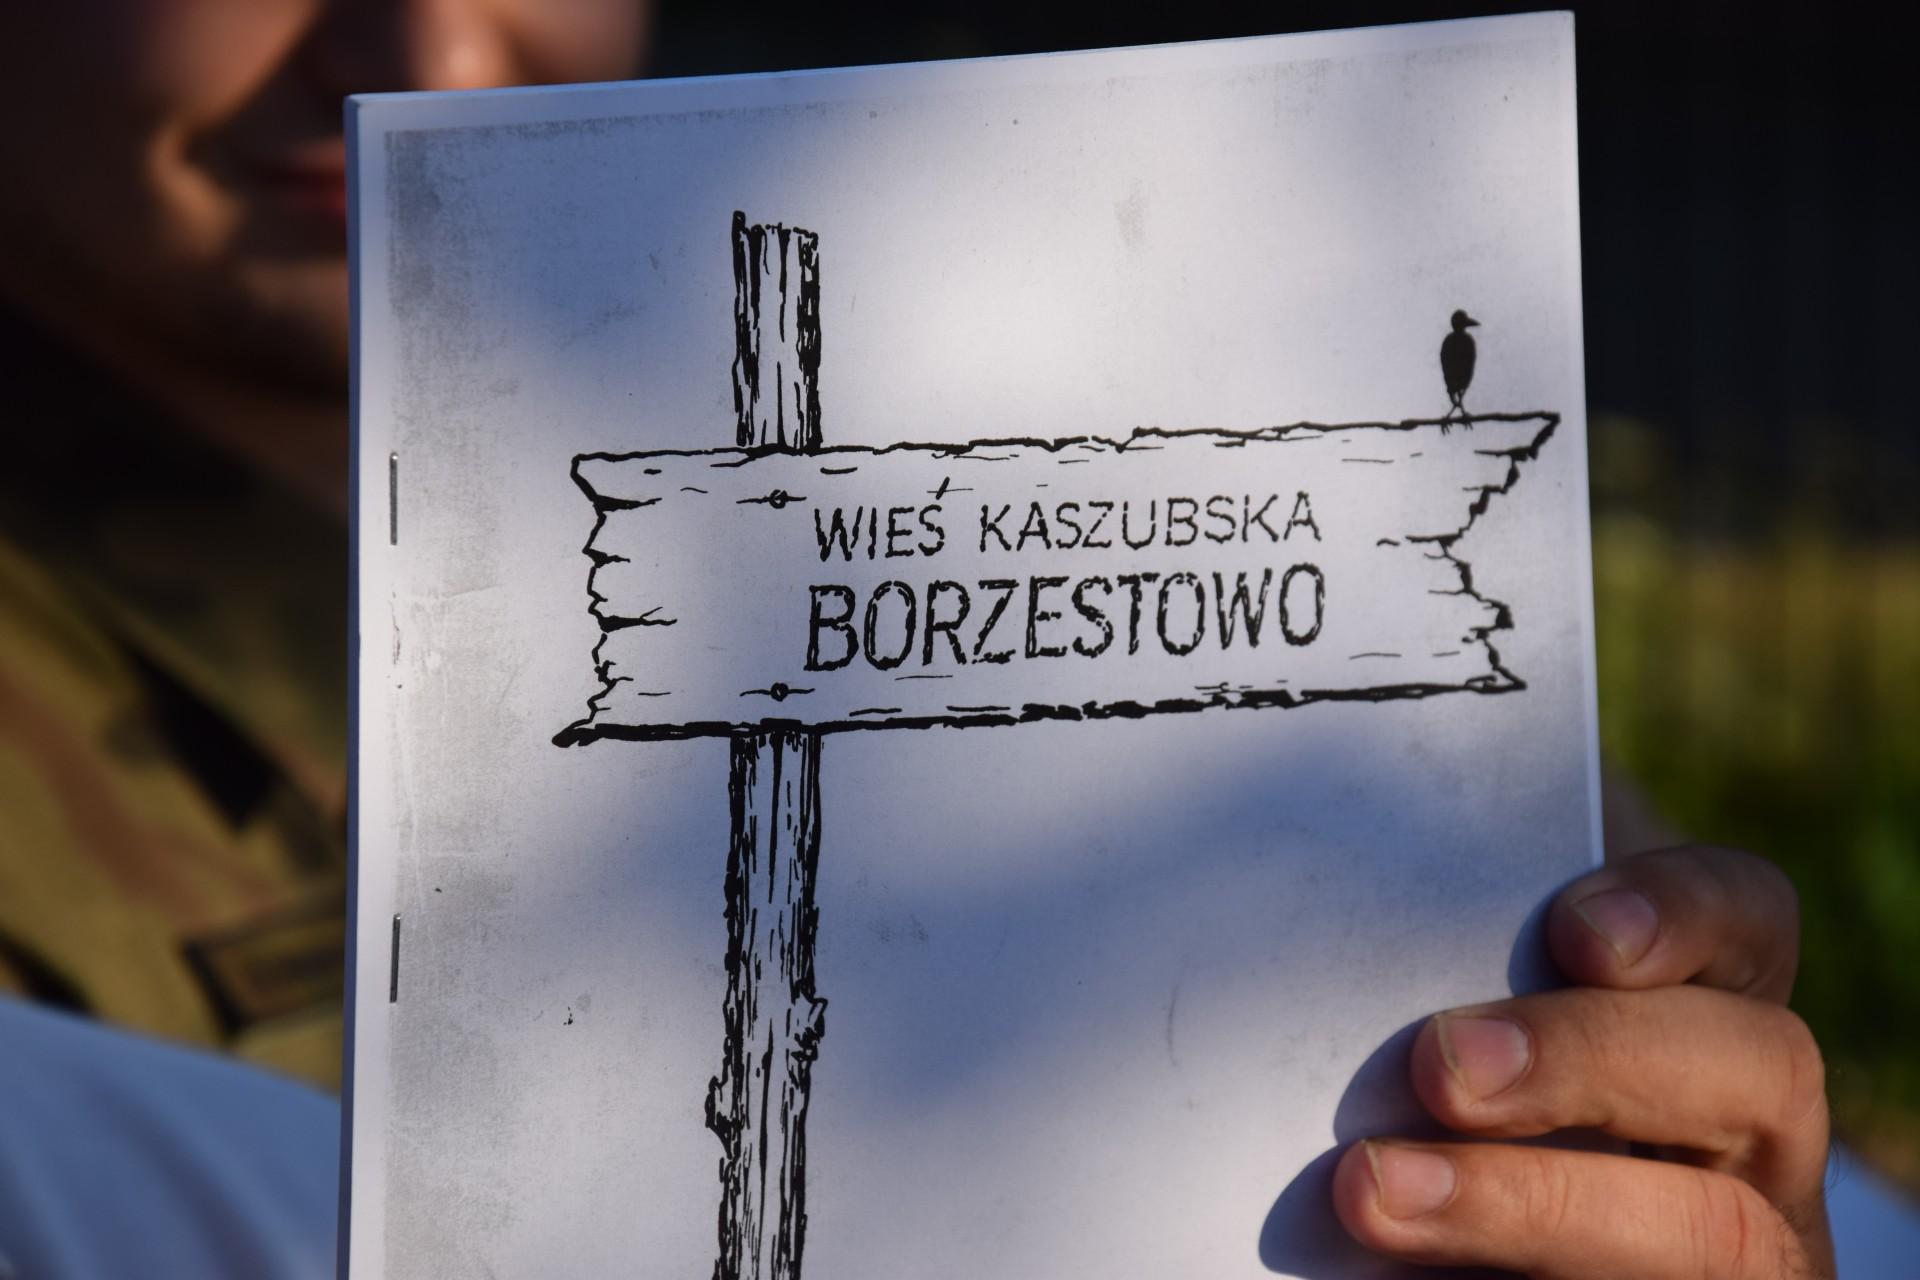 Wehikuł Czasu - mieszkańcy Kartuz zakopują przedmuioty dla przyszłych pokoleń. Kartuzy, 9 czerwca 2017. Fot. Tomasz Słomczyński/Magazyn Kaszuby